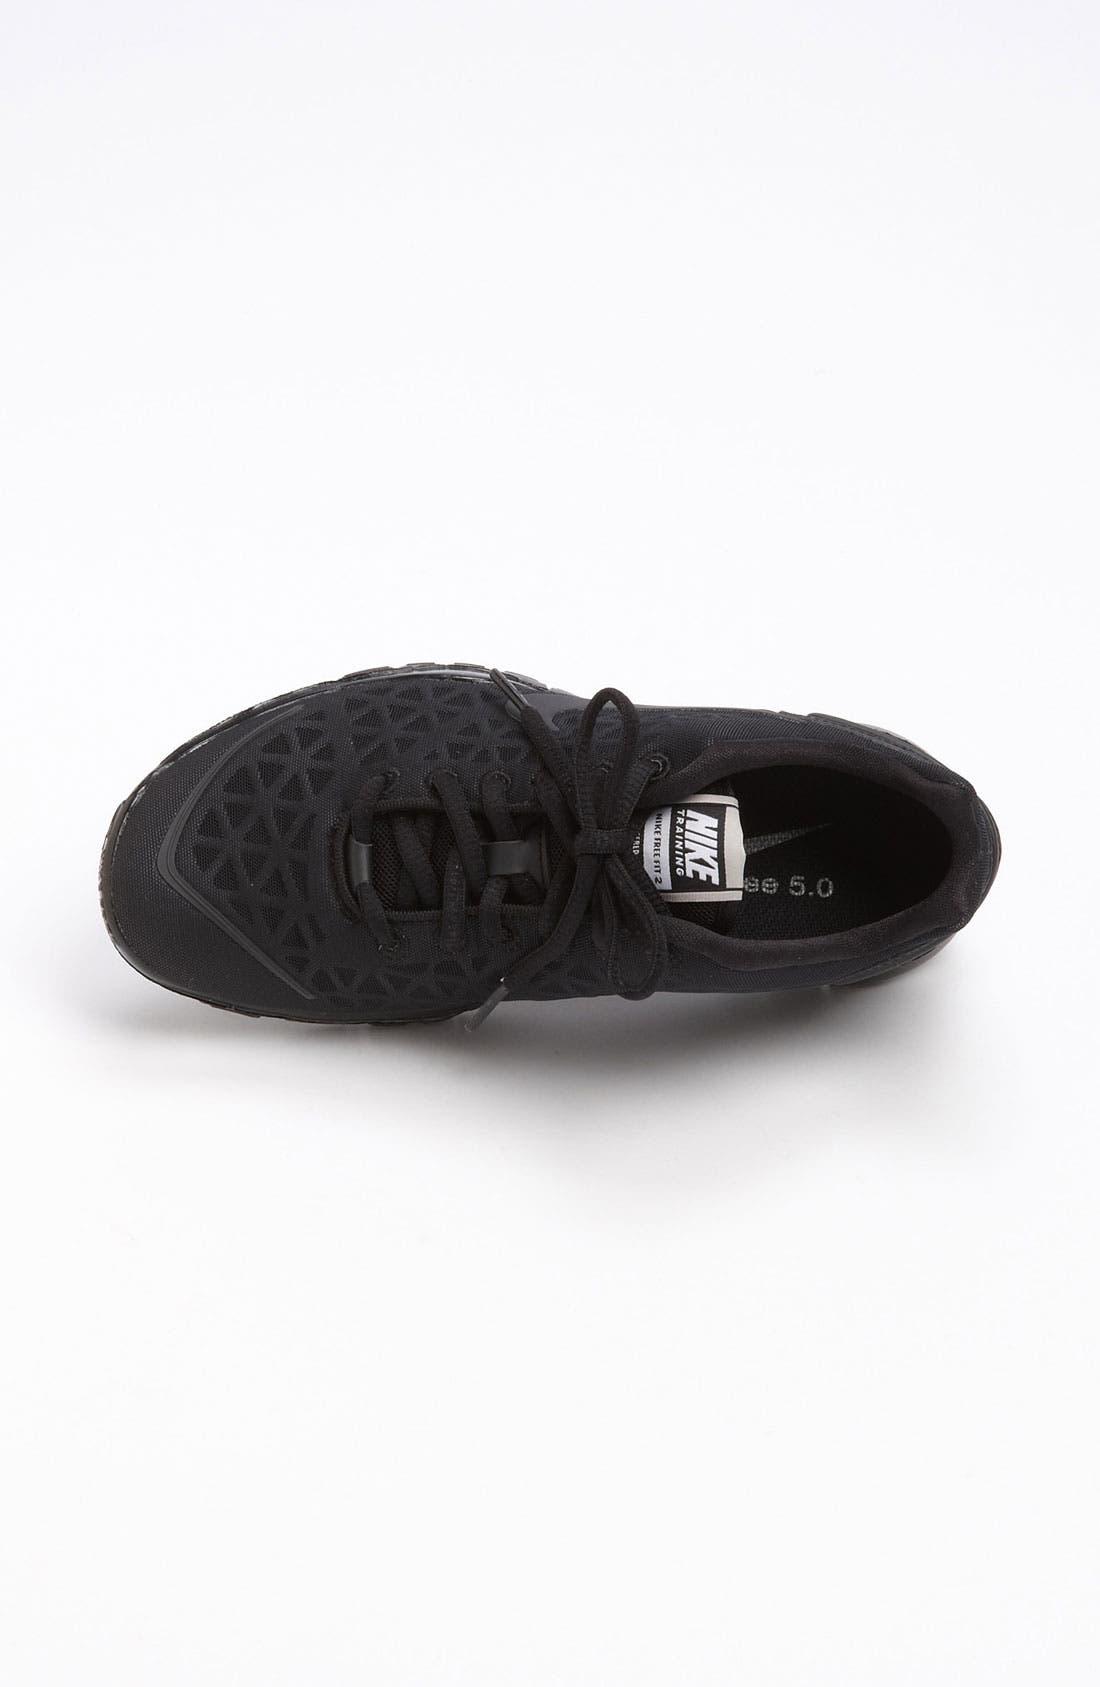 NIKE,                             'Free TR Fit 2' Training Shoe,                             Alternate thumbnail 3, color,                             001